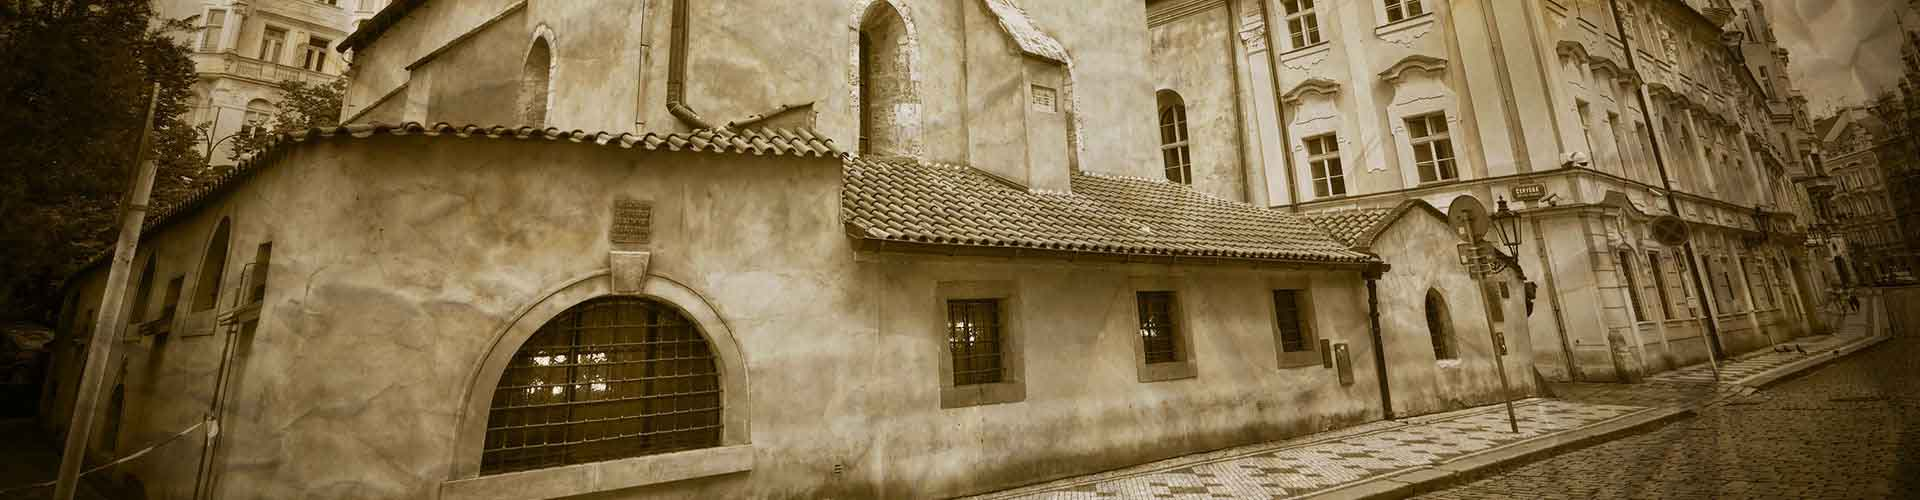 Prague - Hôtels près de Hôtel de ville juif. Cartes pour Prague, photos et commentaires pour chaque Hôtel à Prague.